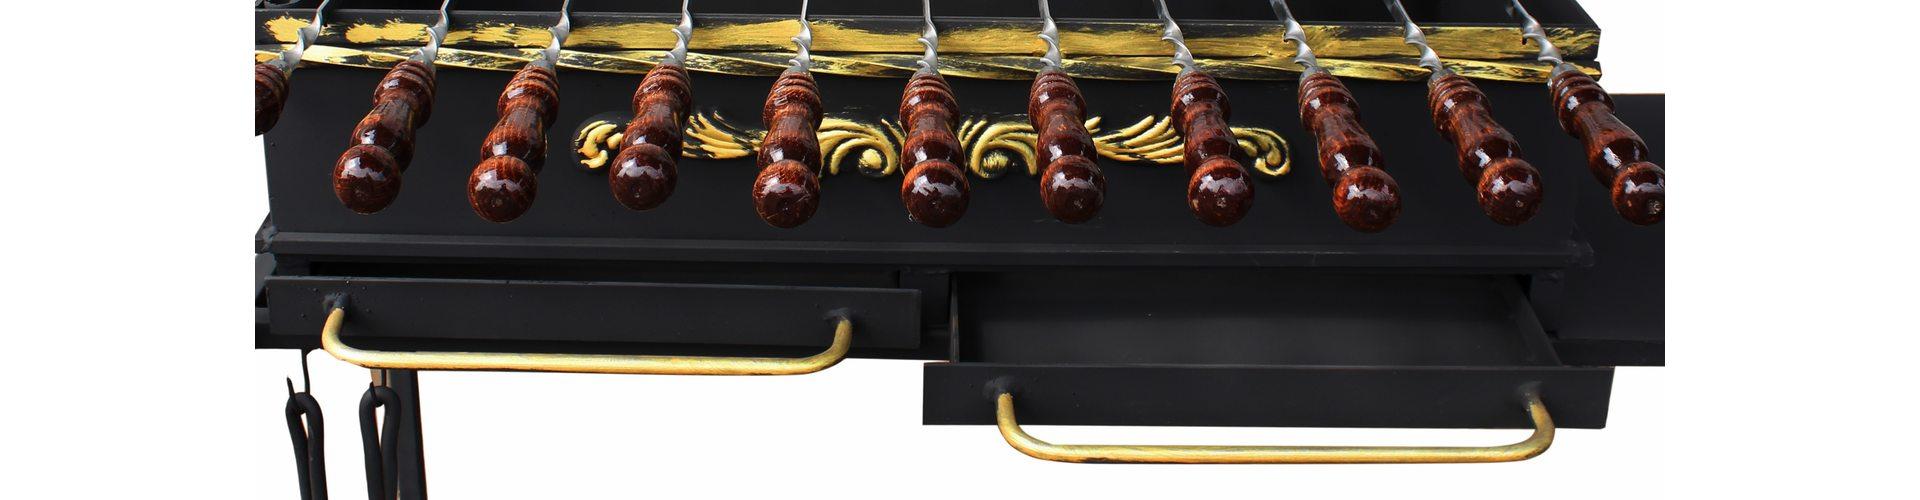 Что такое зольники или ящики для жаровни? Смотрим и узнаем все о мангалах!